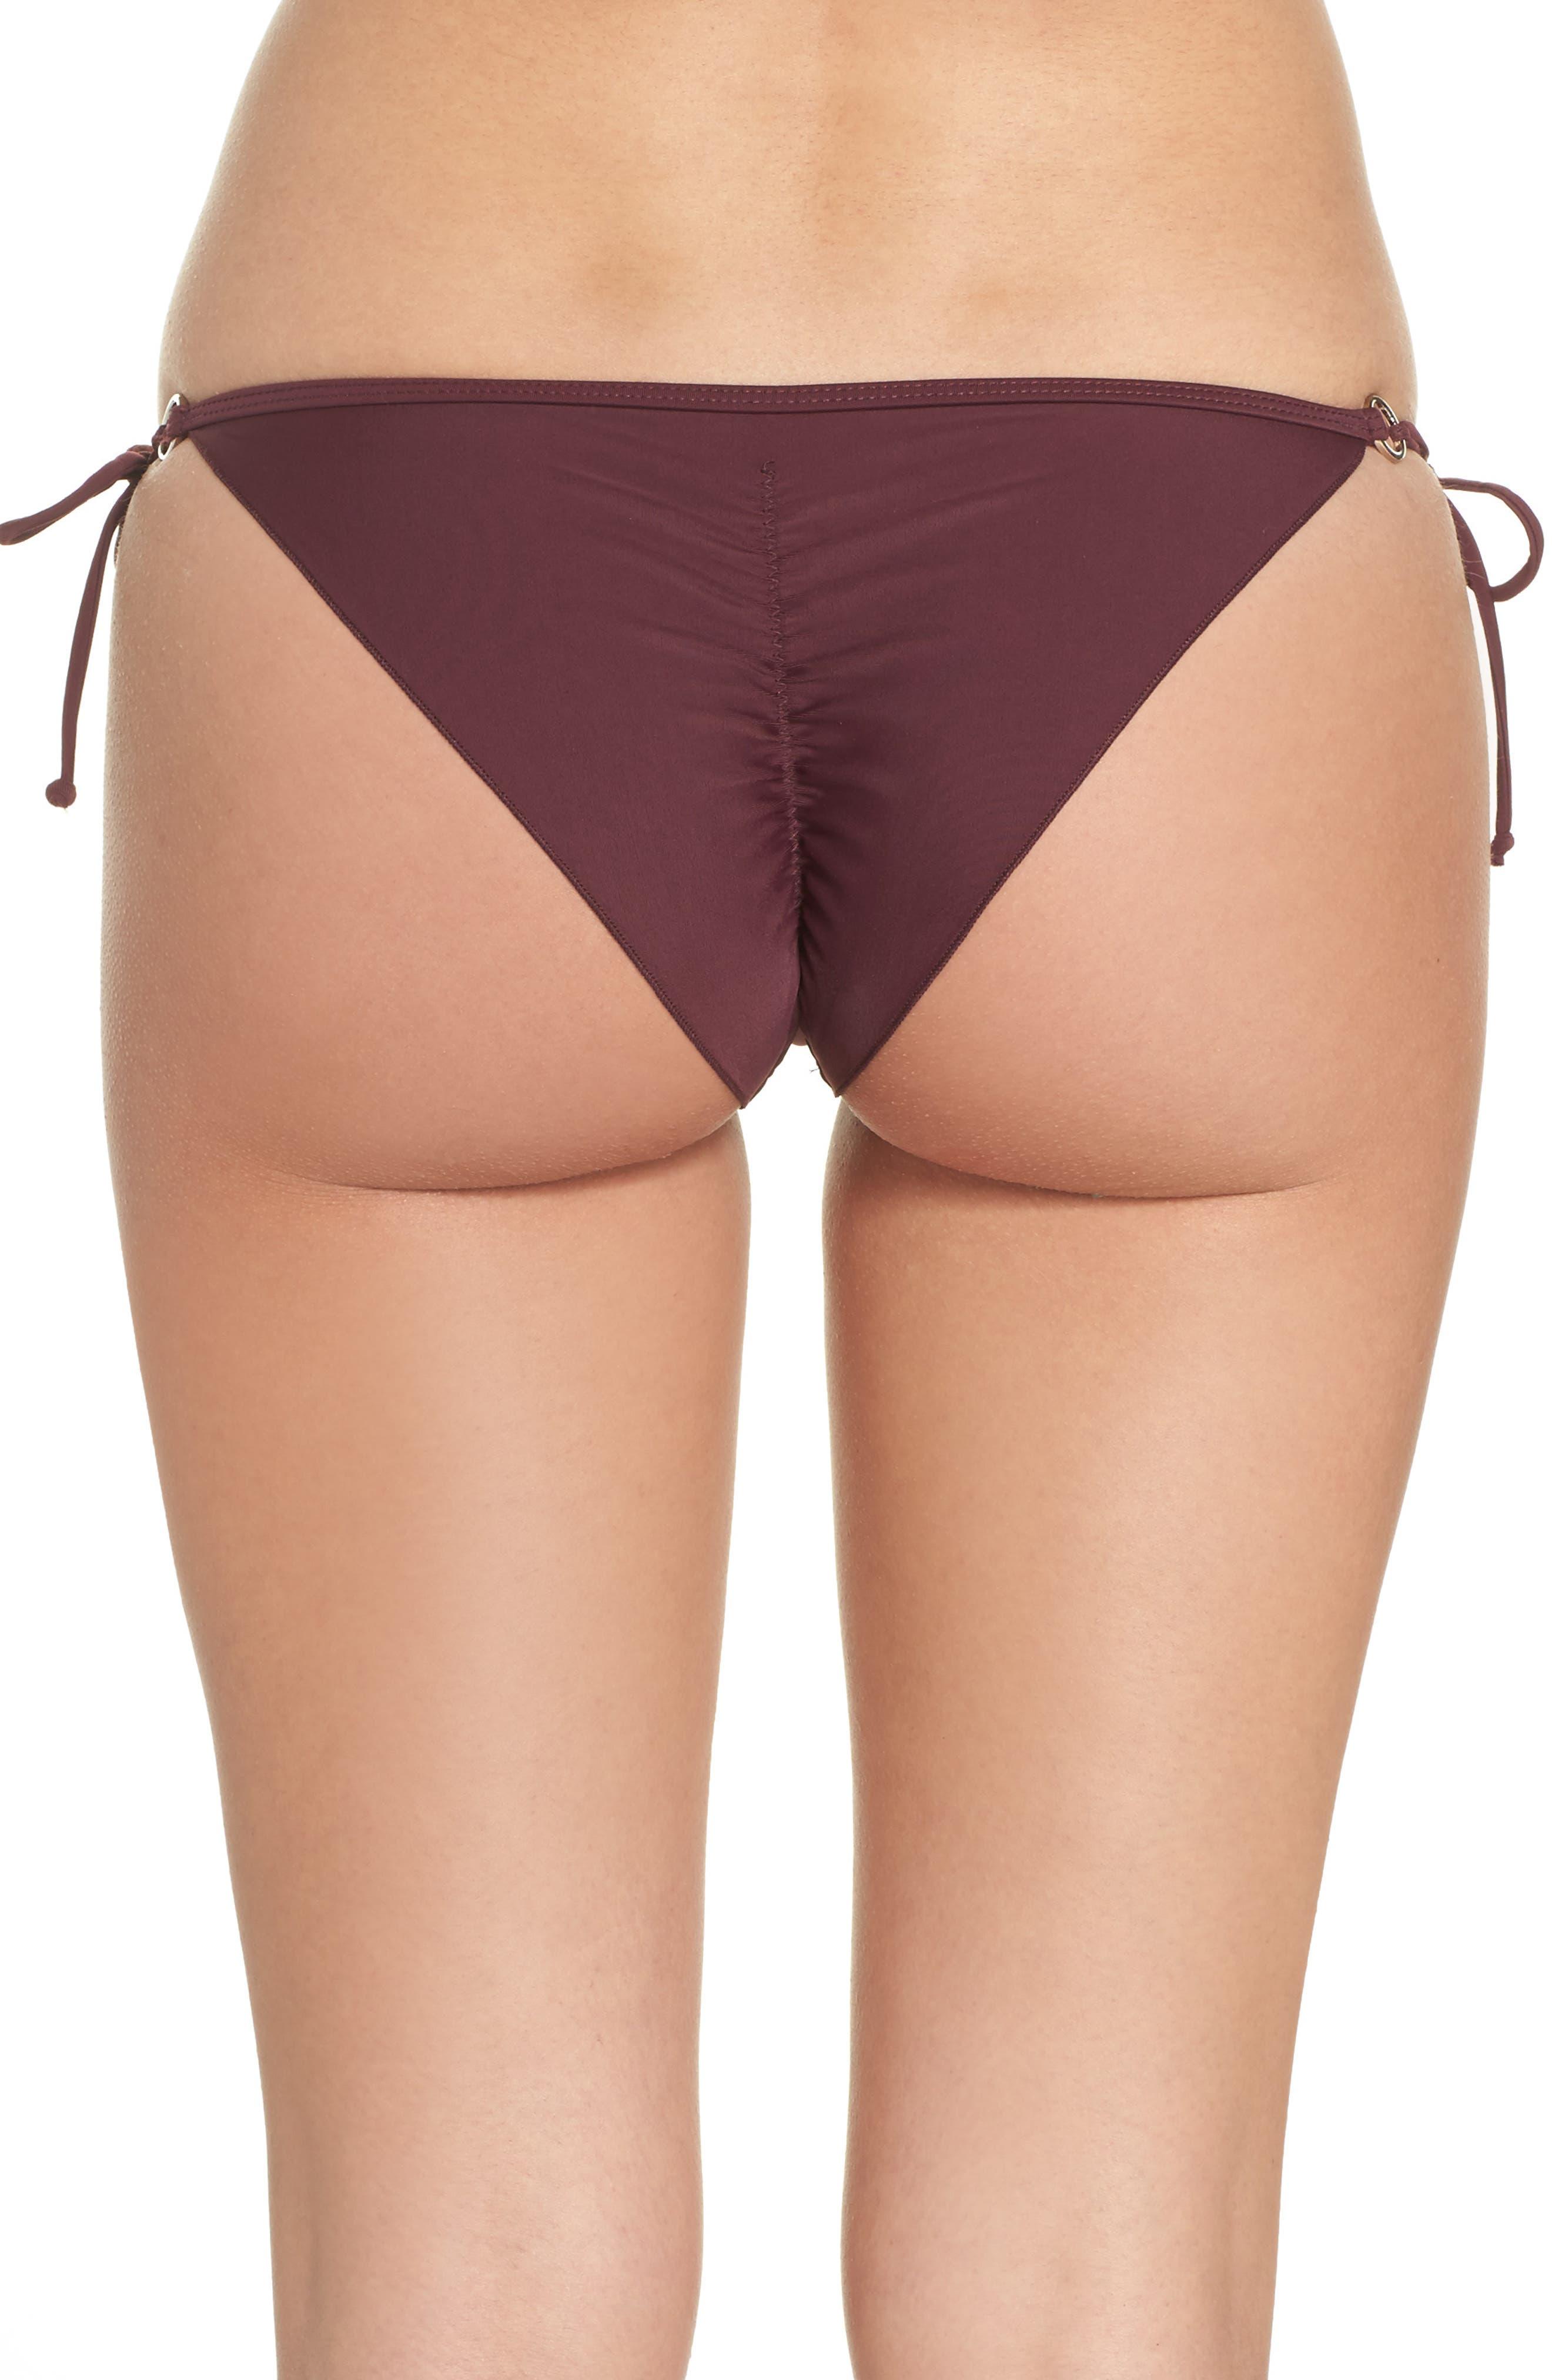 'Smoothies - Brasilia' Side Tie Bikini Bottoms,                             Alternate thumbnail 2, color,                             203